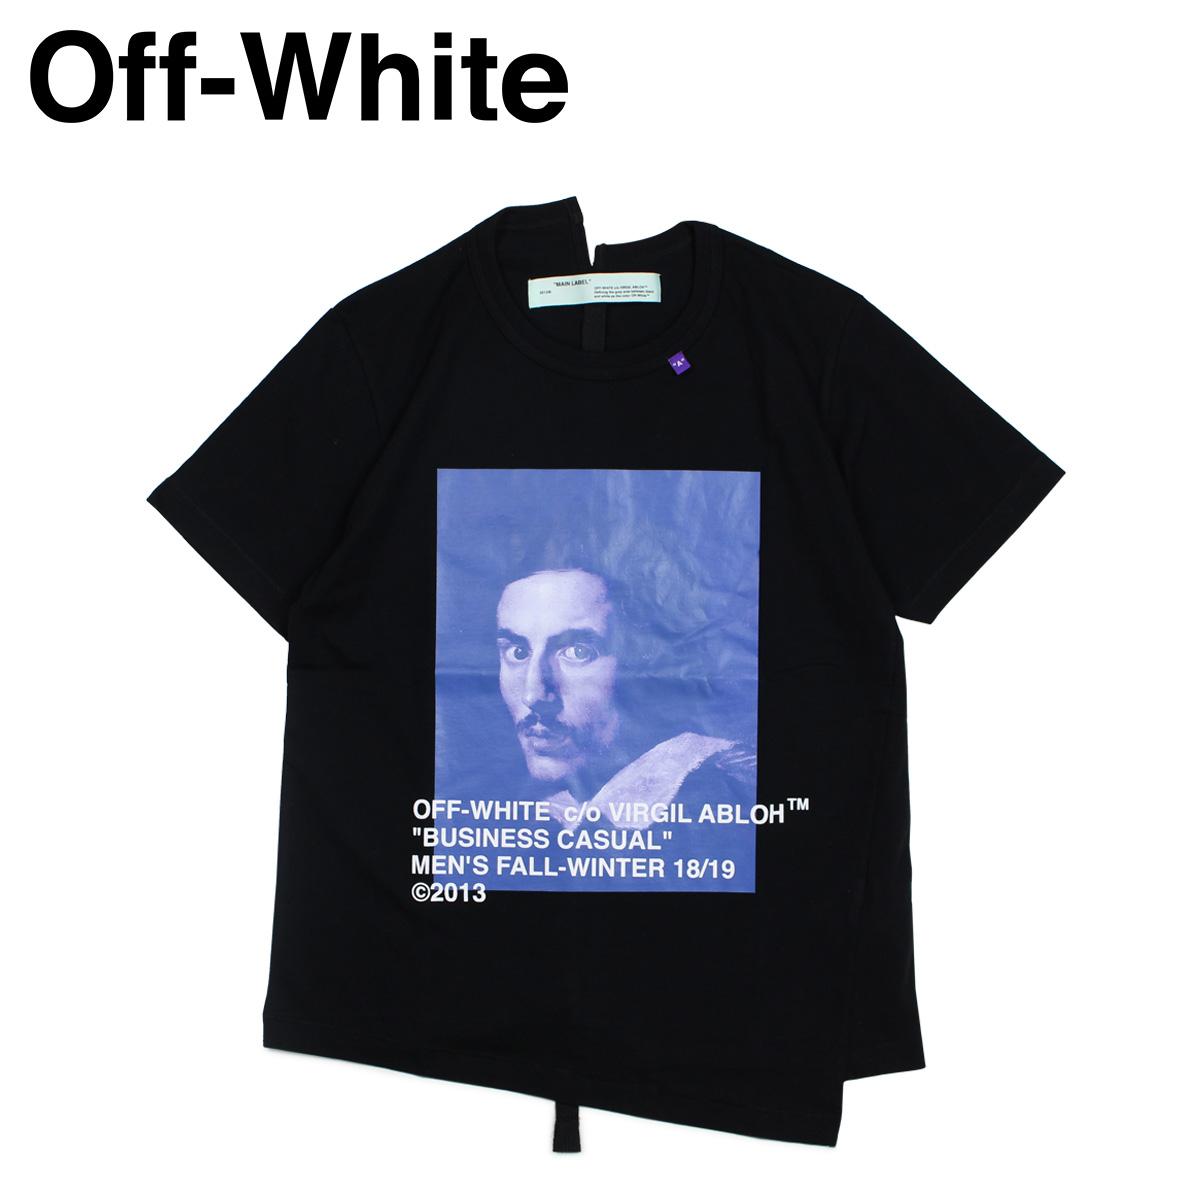 Off-white BERNINI PRINT T-SHIRTS オフホワイト Tシャツ 半袖 メンズ ブラック OMAA032 185011